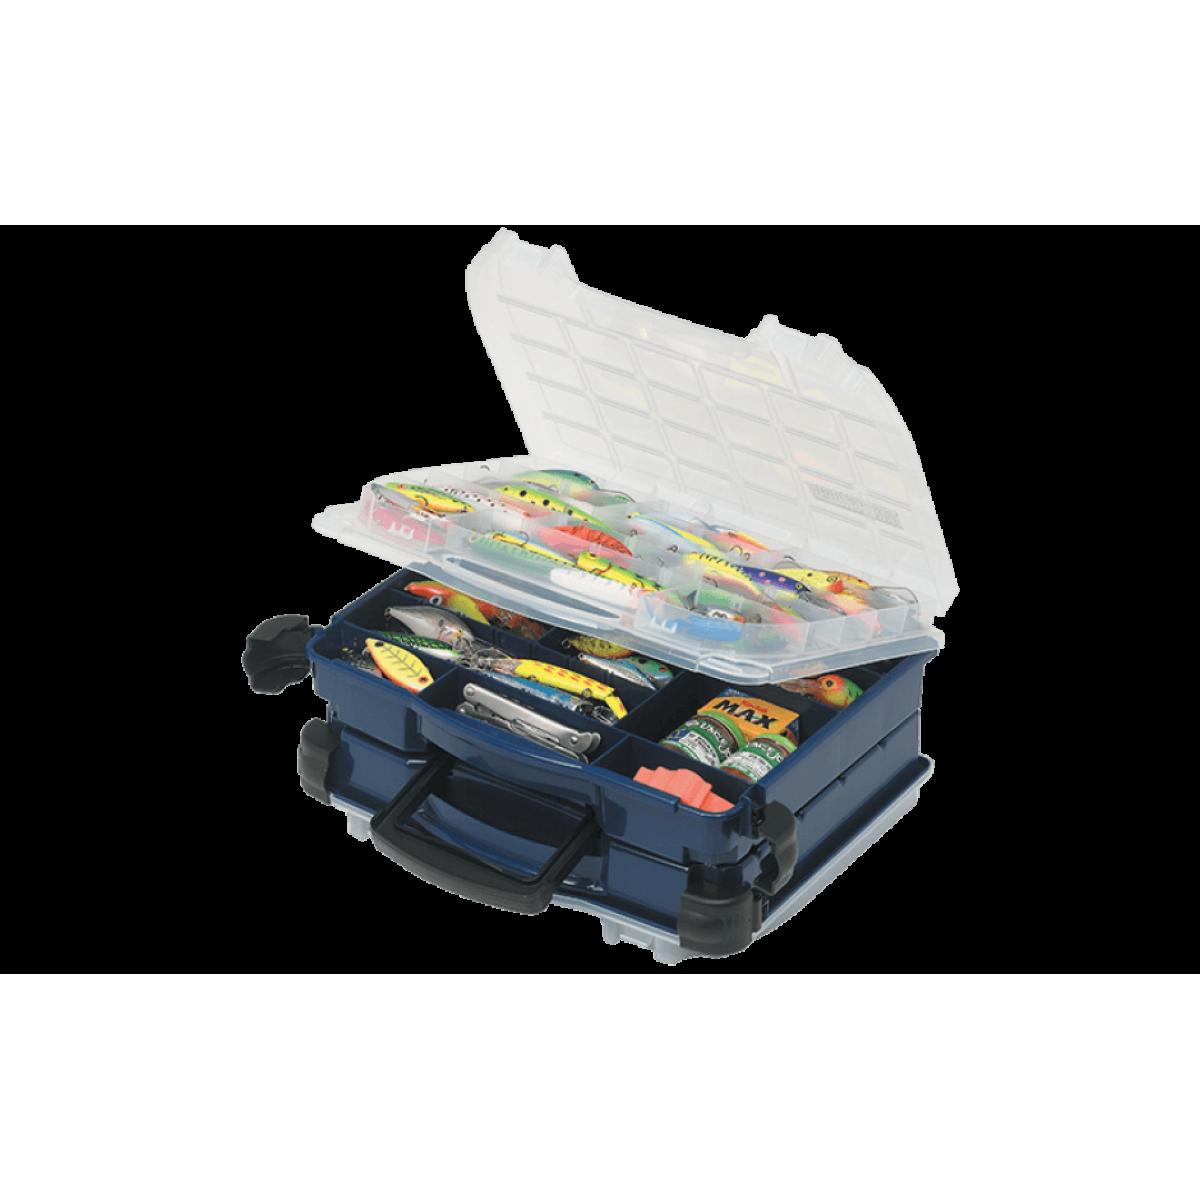 цена на Ящик Plano 3952-10 двухуровневый для приманок и аксессуаров 30-104 отсеков